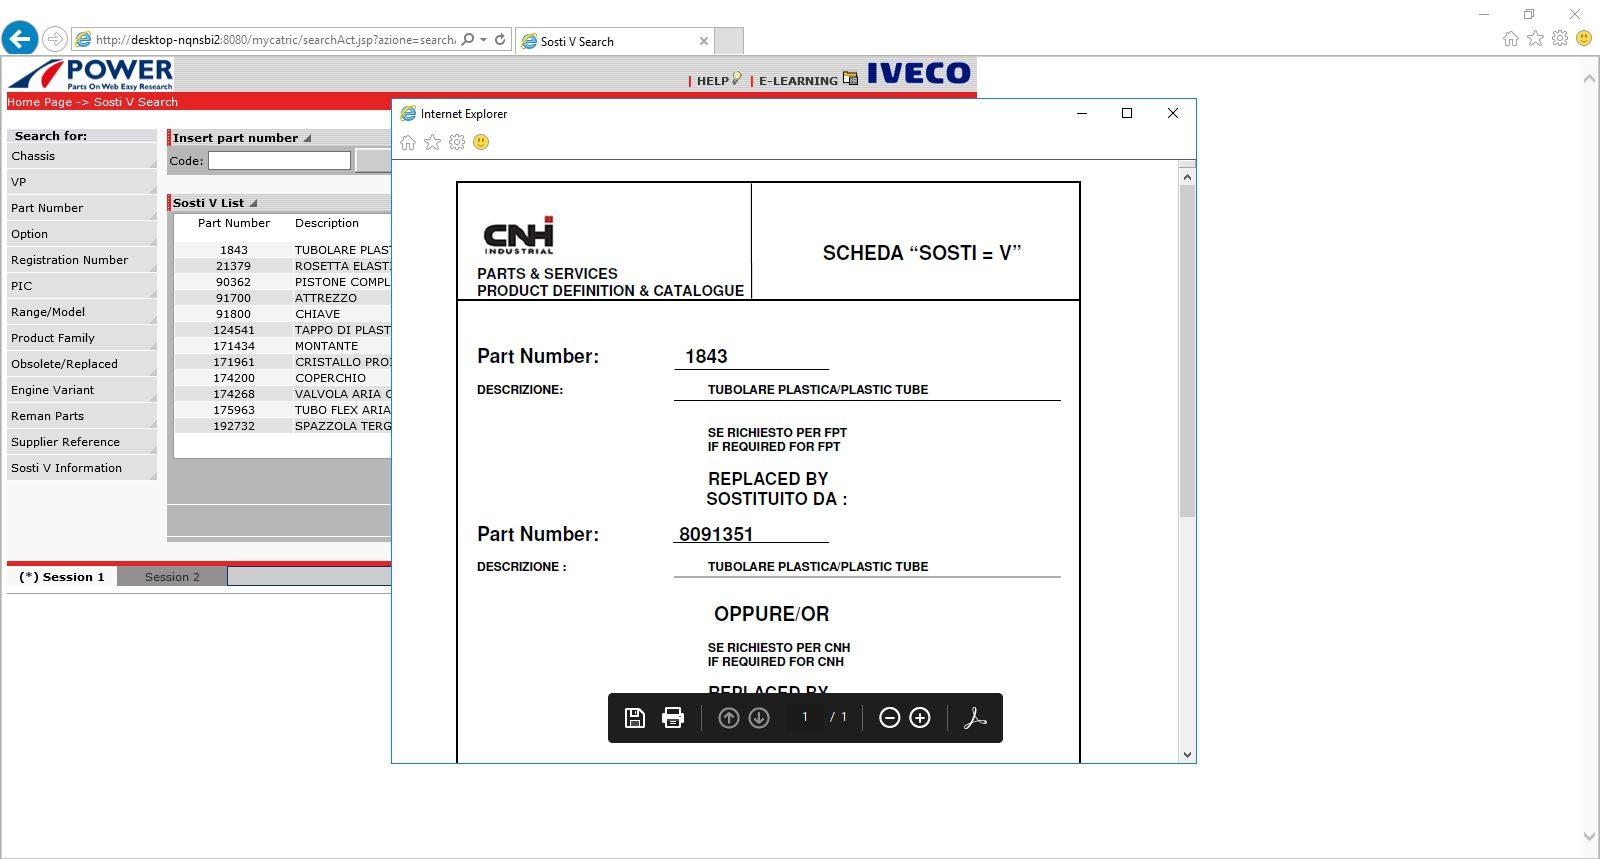 Iveco_Power_Trucks_Buses_Q1_012020_Full_Instruction_3